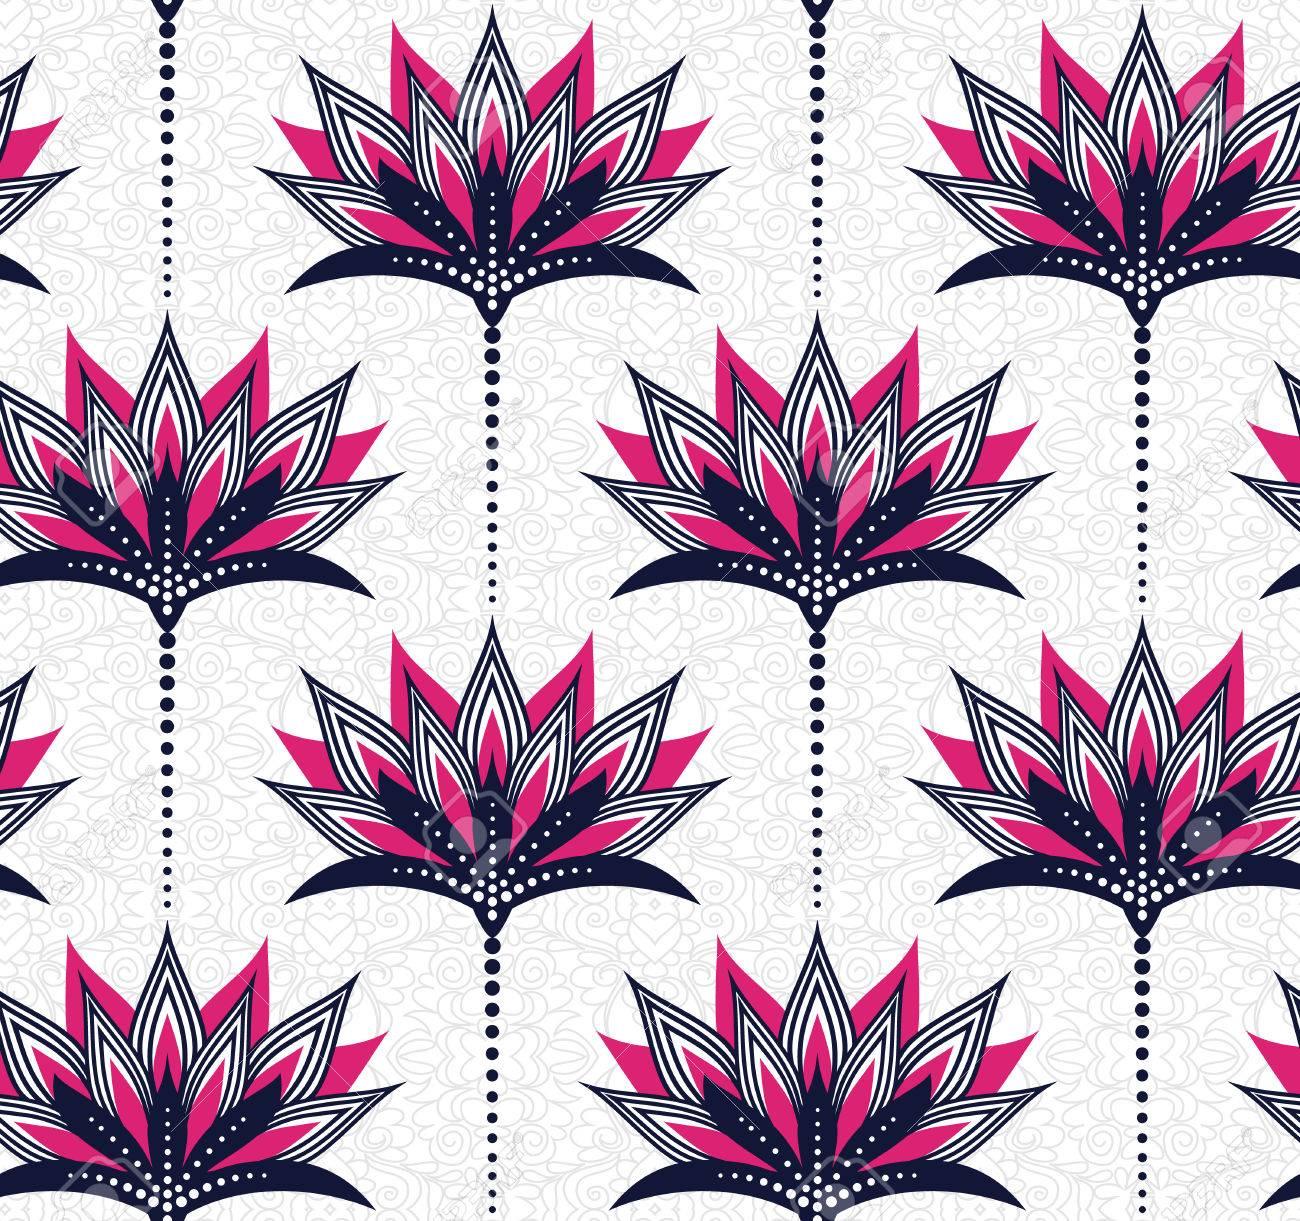 Seamless Floral Vector Pattern In Fucsia E Blu Marino Simboleggia La Luminosità E Semplicità Su Un Po Aggrovigliati Sfondo Grigio Facile Da